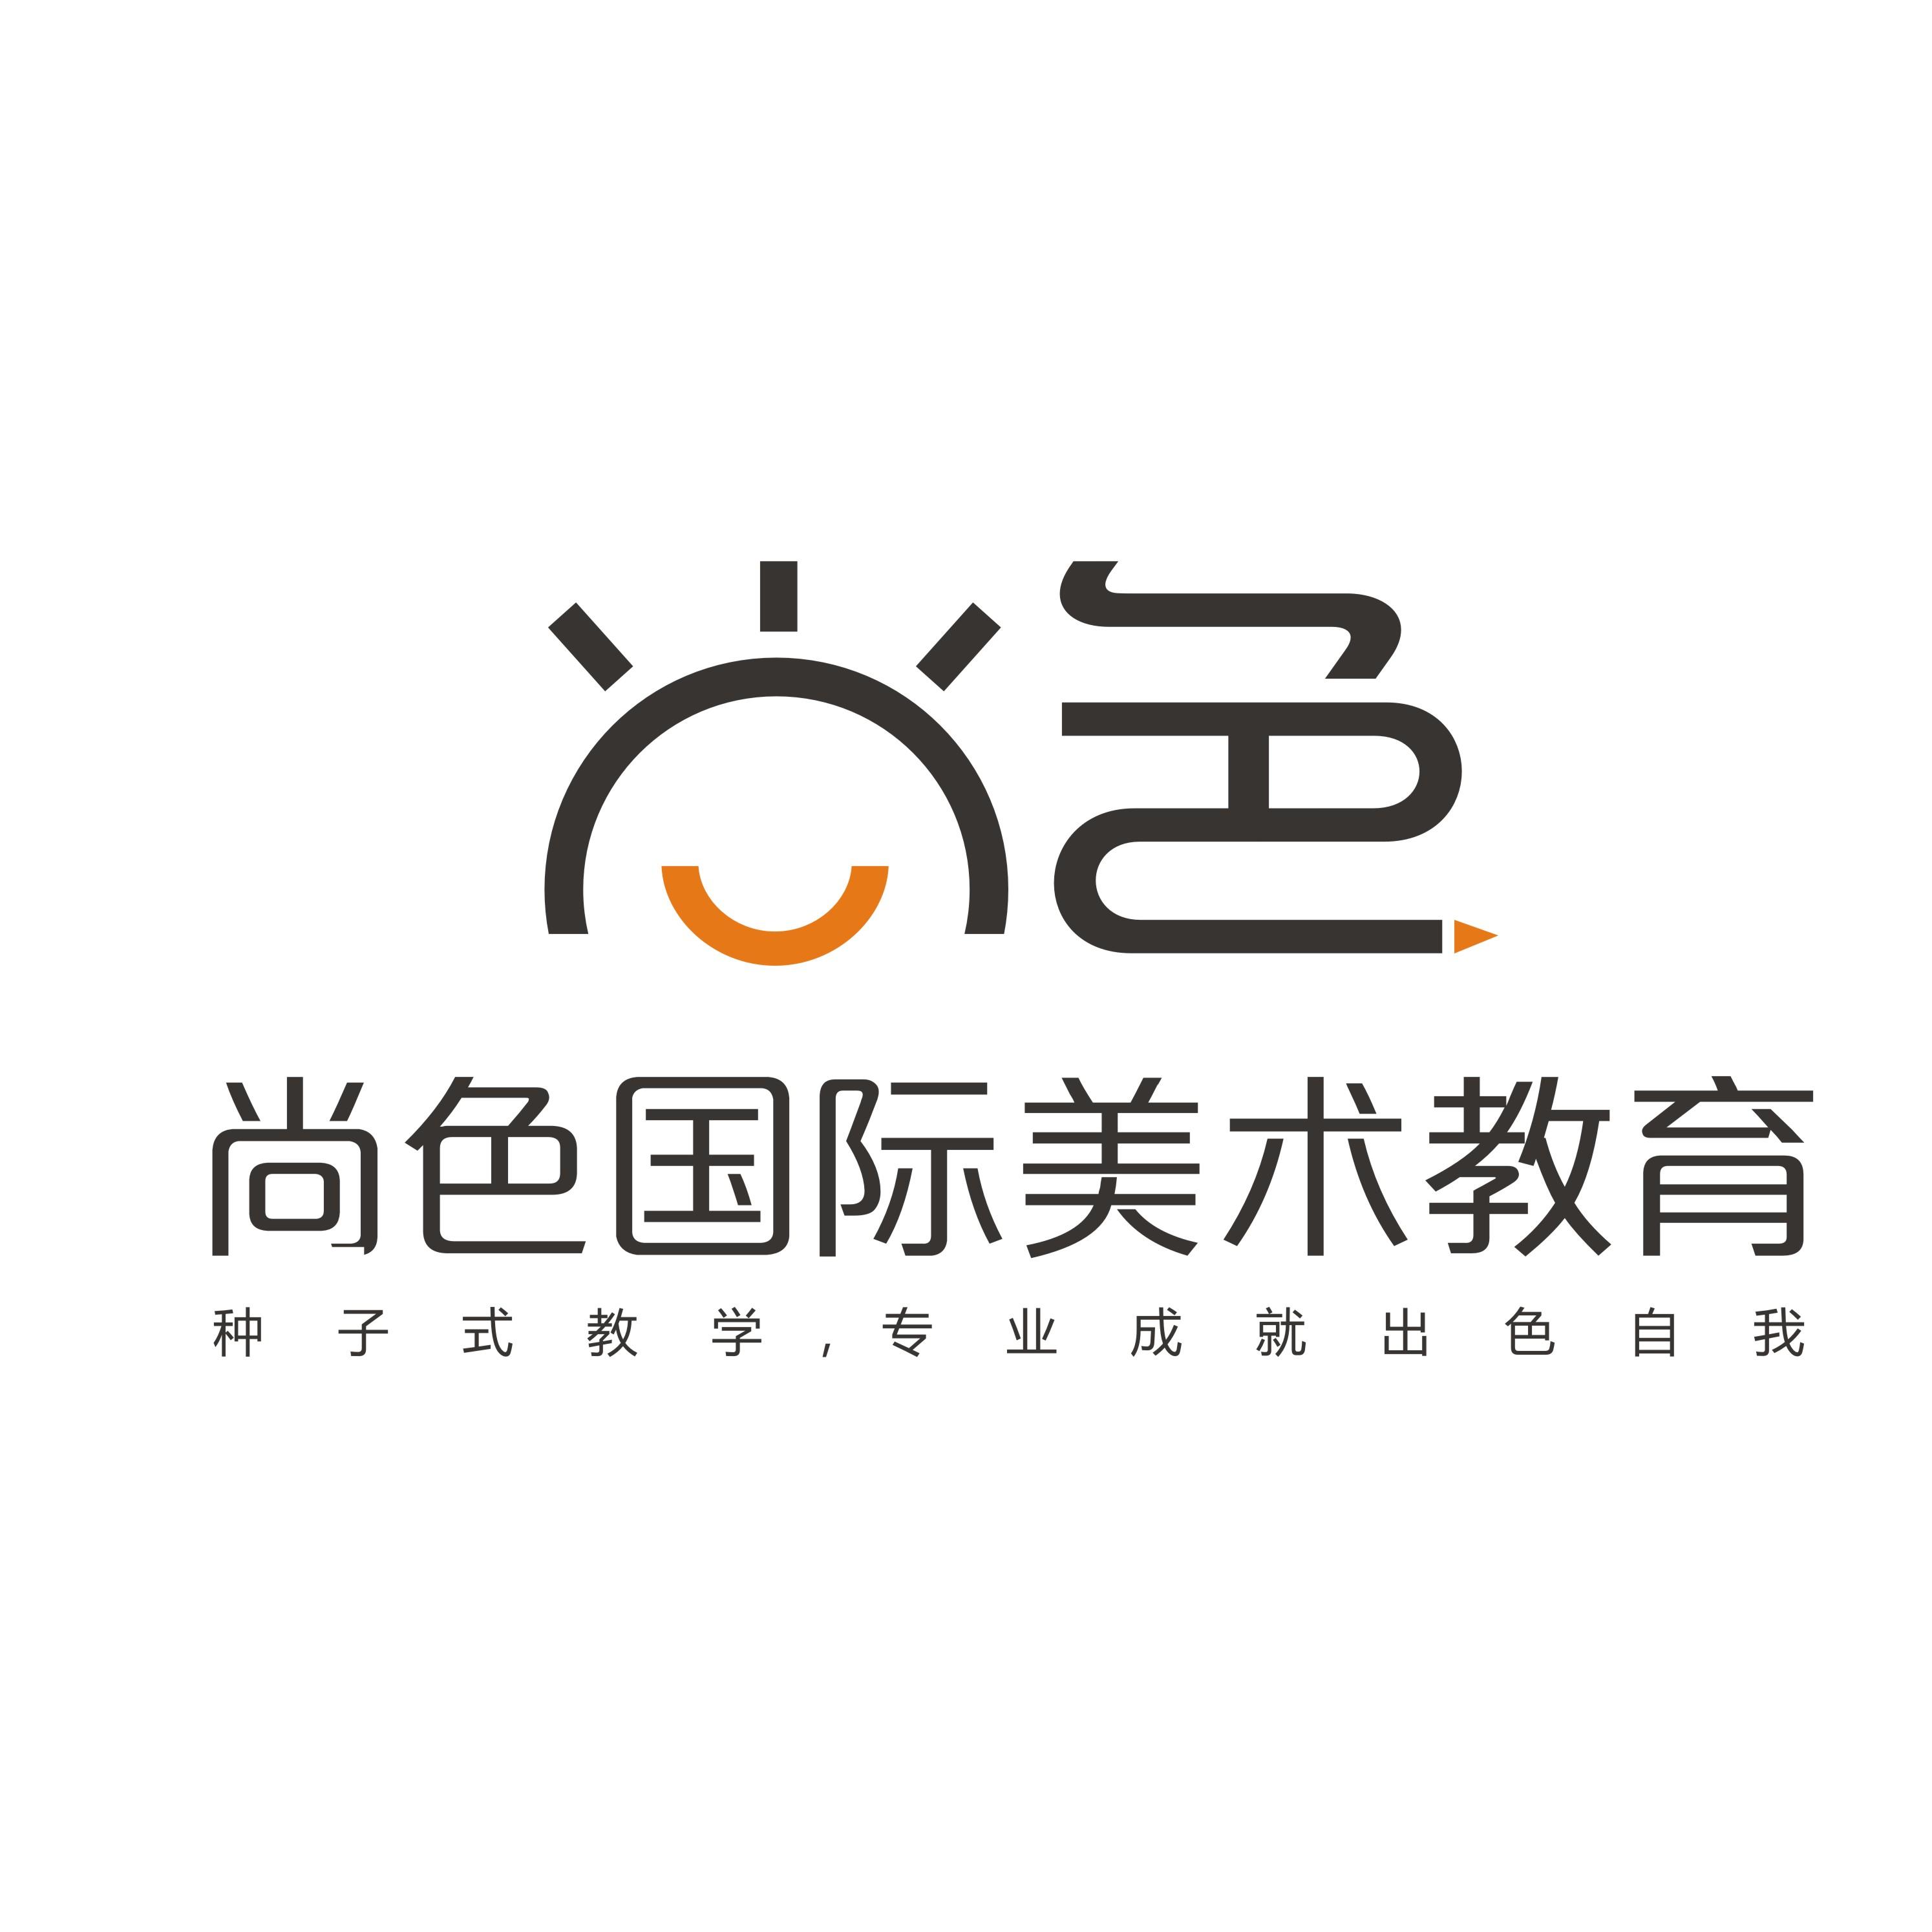 尚色美术教育logo设计